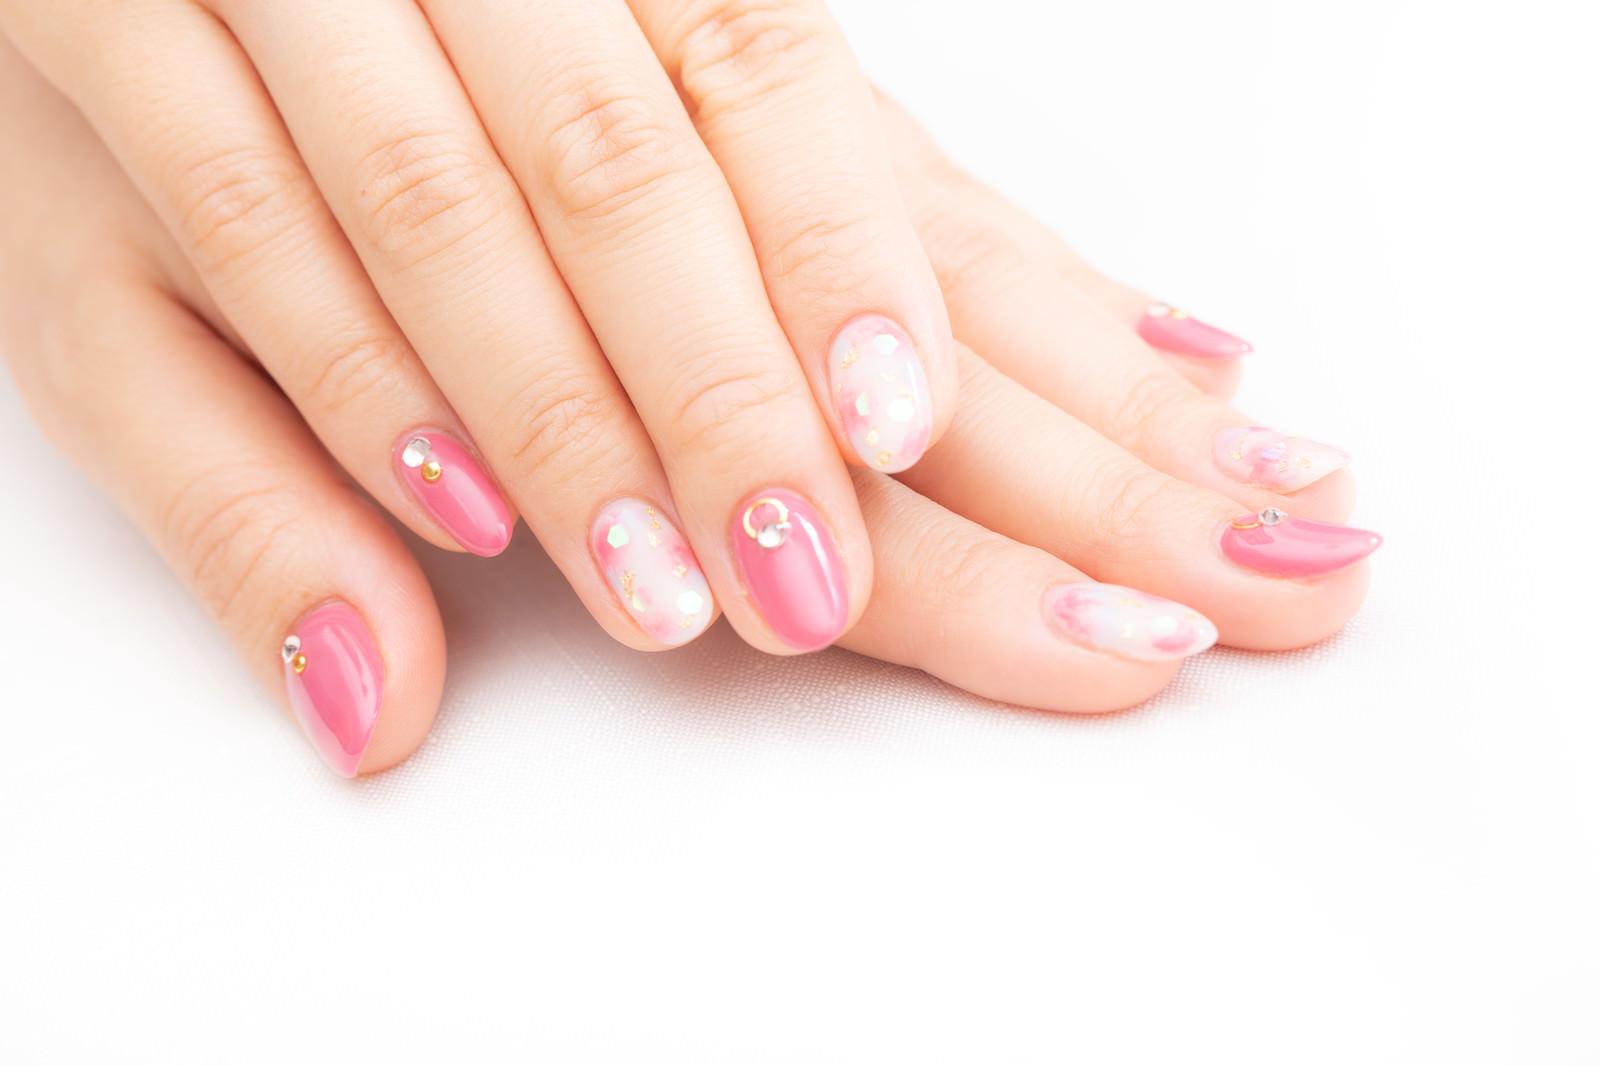 「ピンク色のネイルアート」の写真